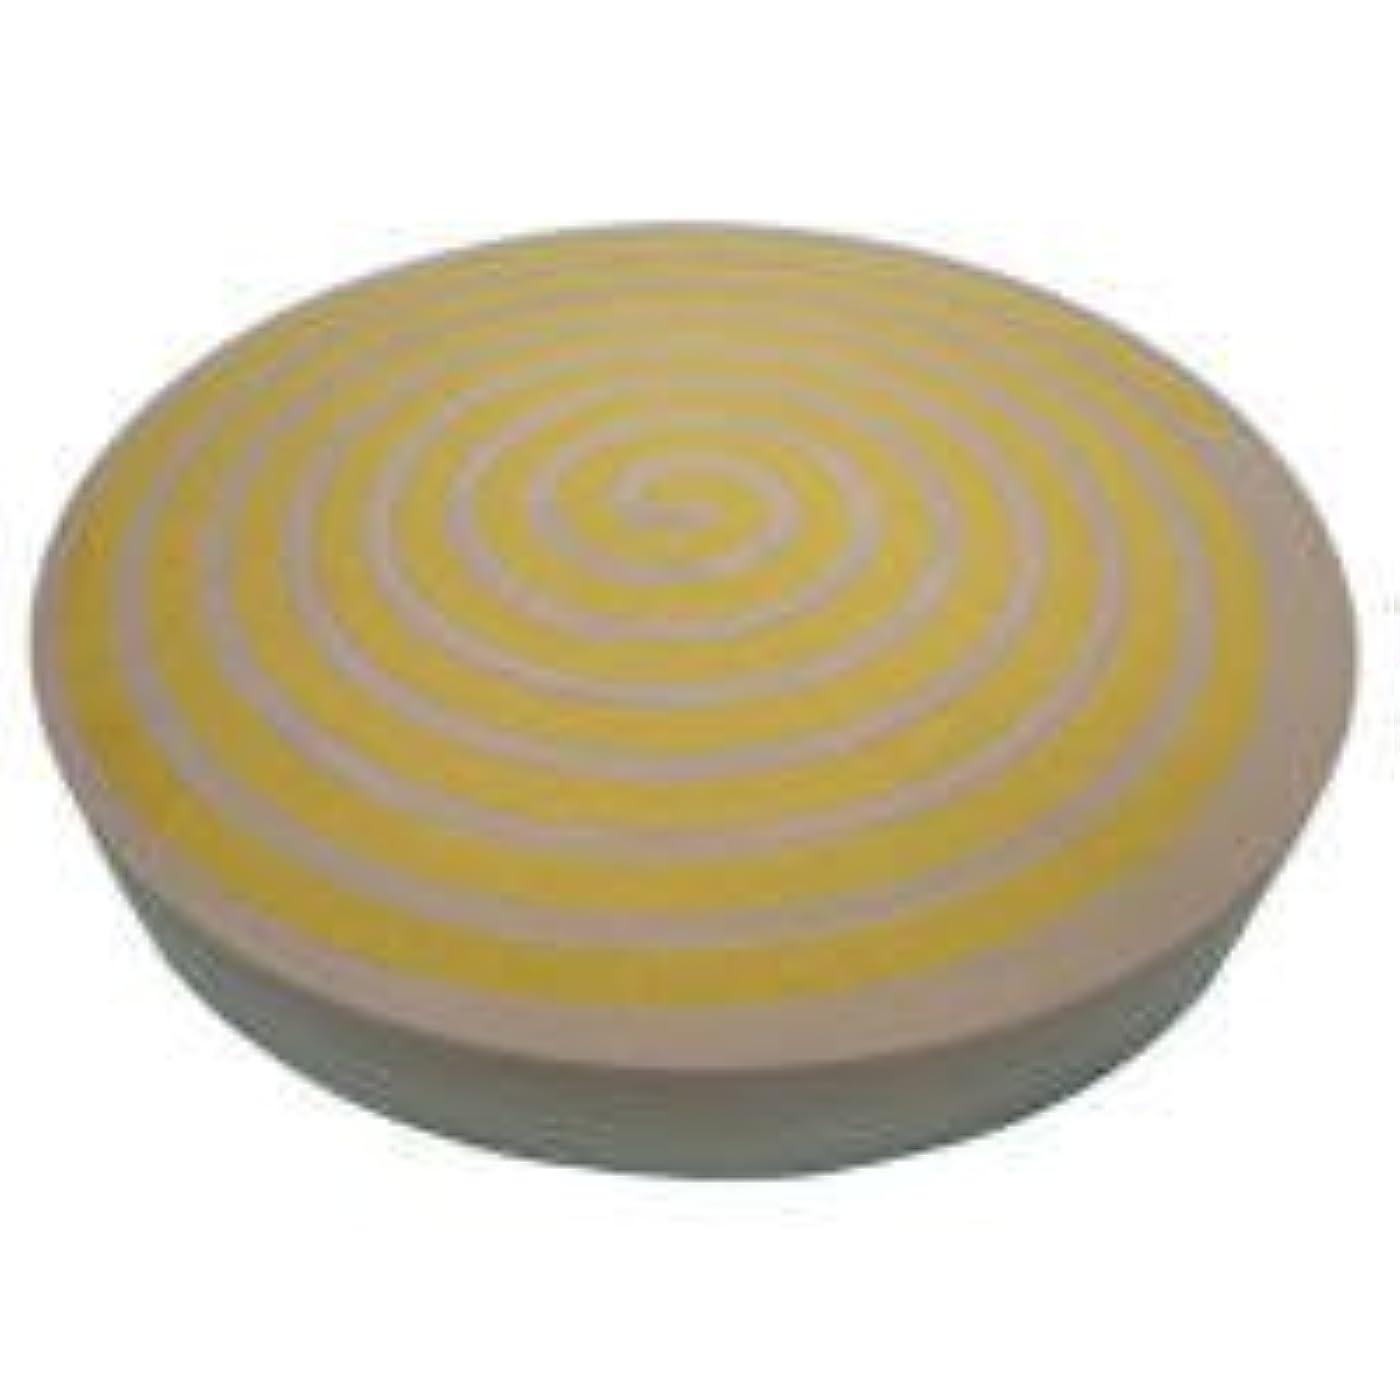 酸化する言うまでもなくトラップAzenta Products 42706 ~ 6 Hour Spiral ~ 6 Hour Powder Incense Stone Burner by Azenta